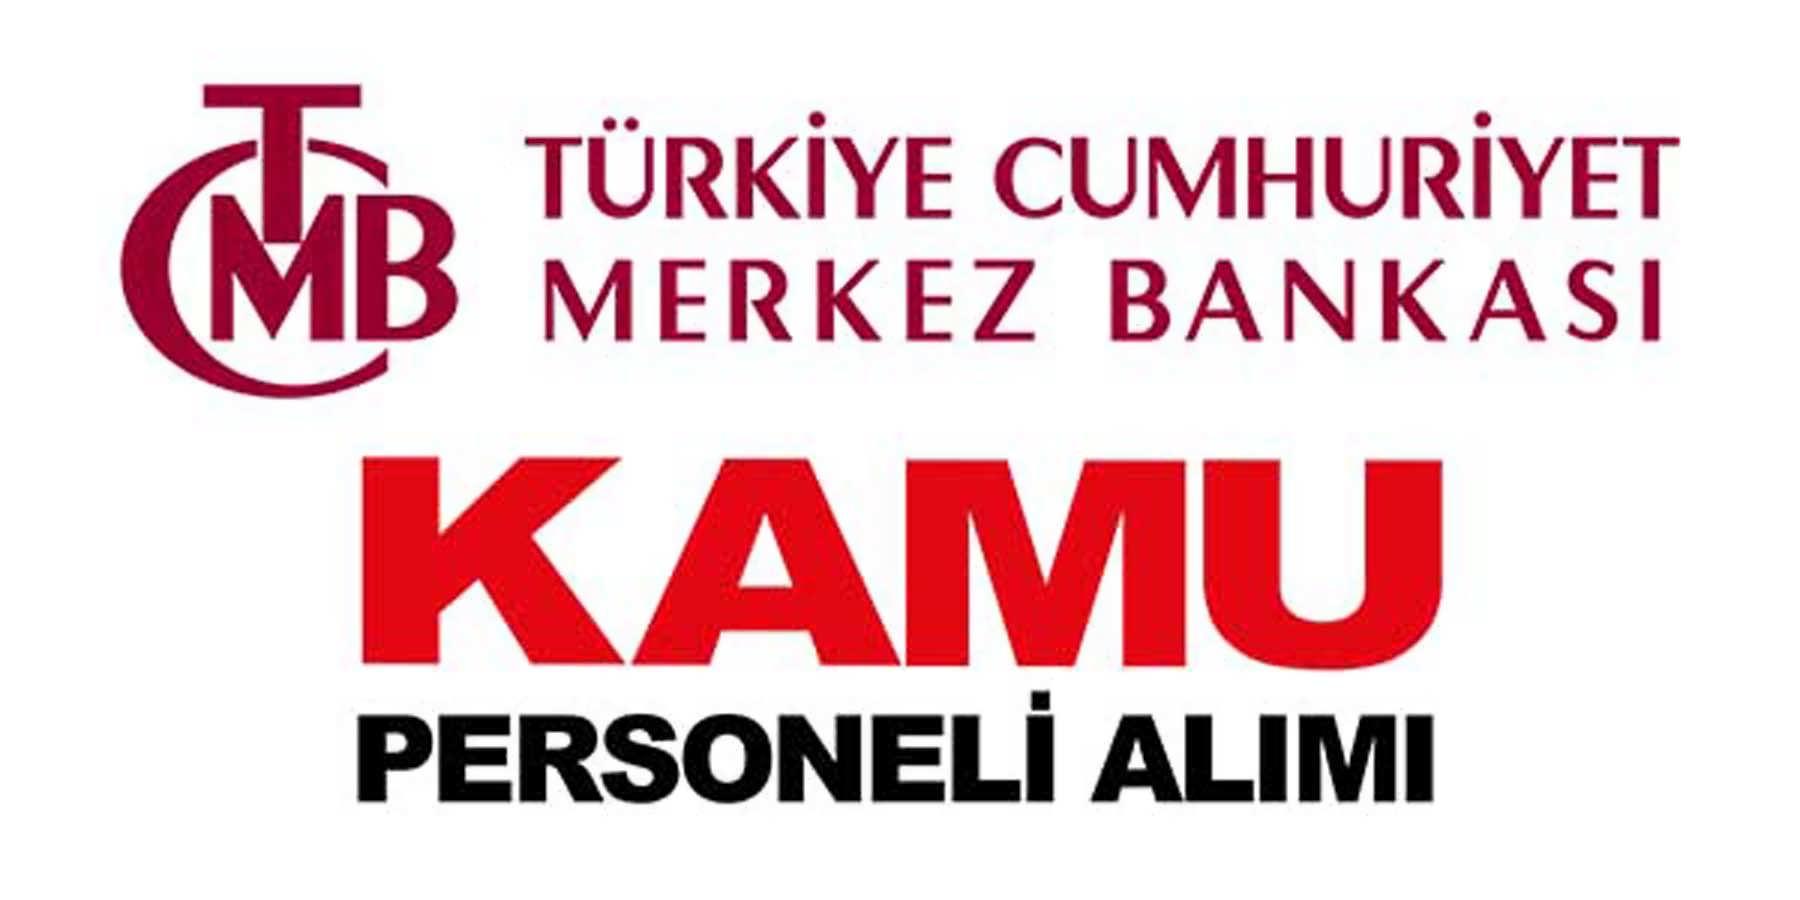 Merkez Bankası Kamu Personeli Alımı